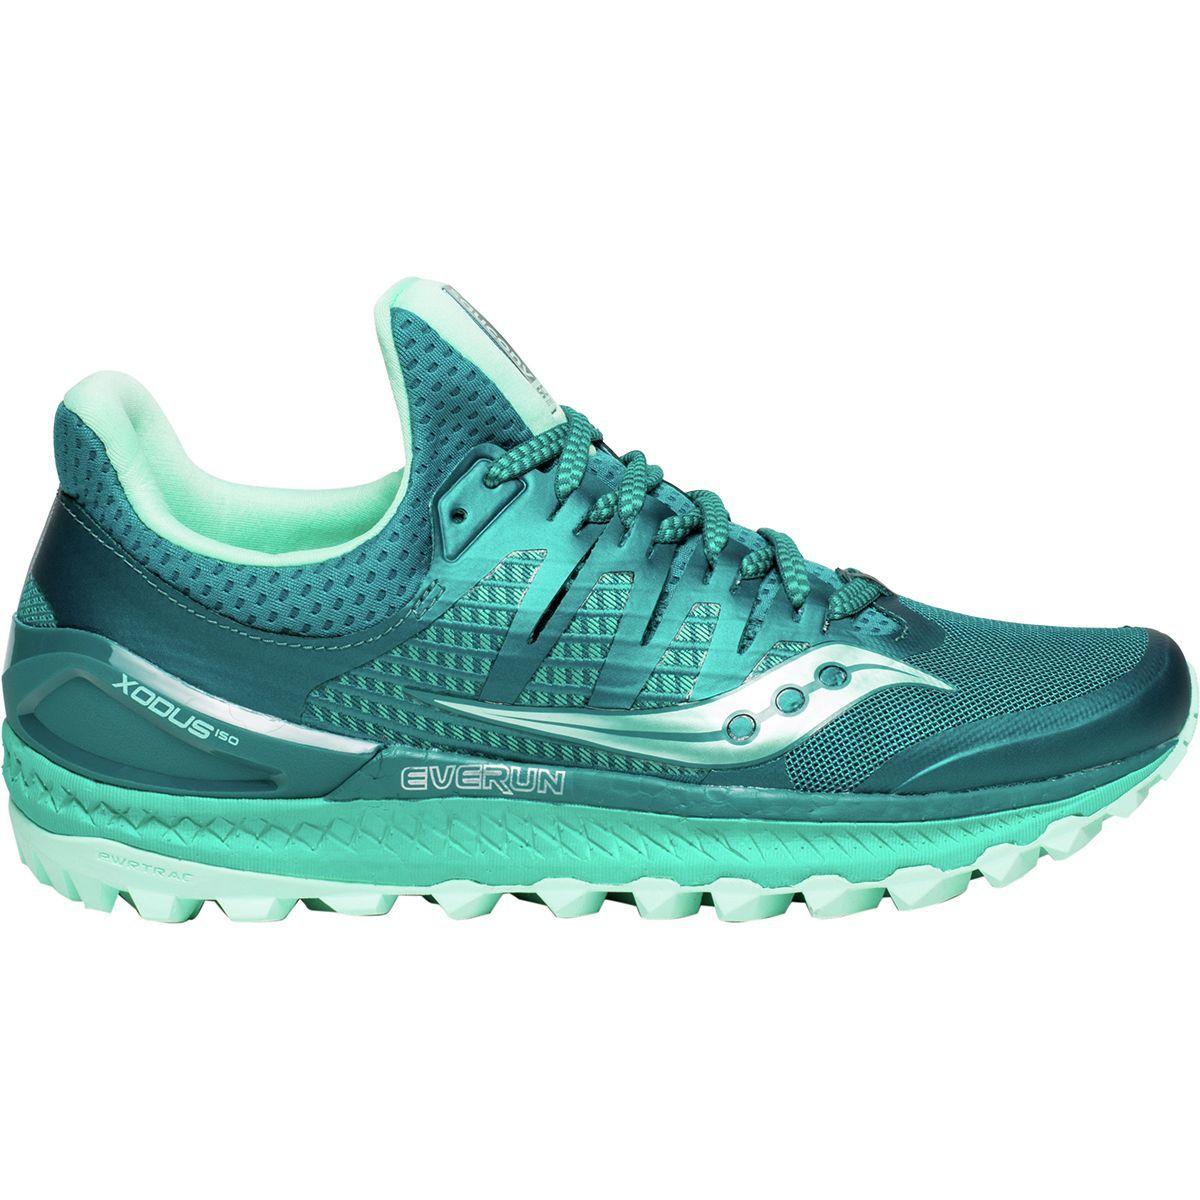 Saucony Xodus Iso 3 Trail Running Shoe - Women's